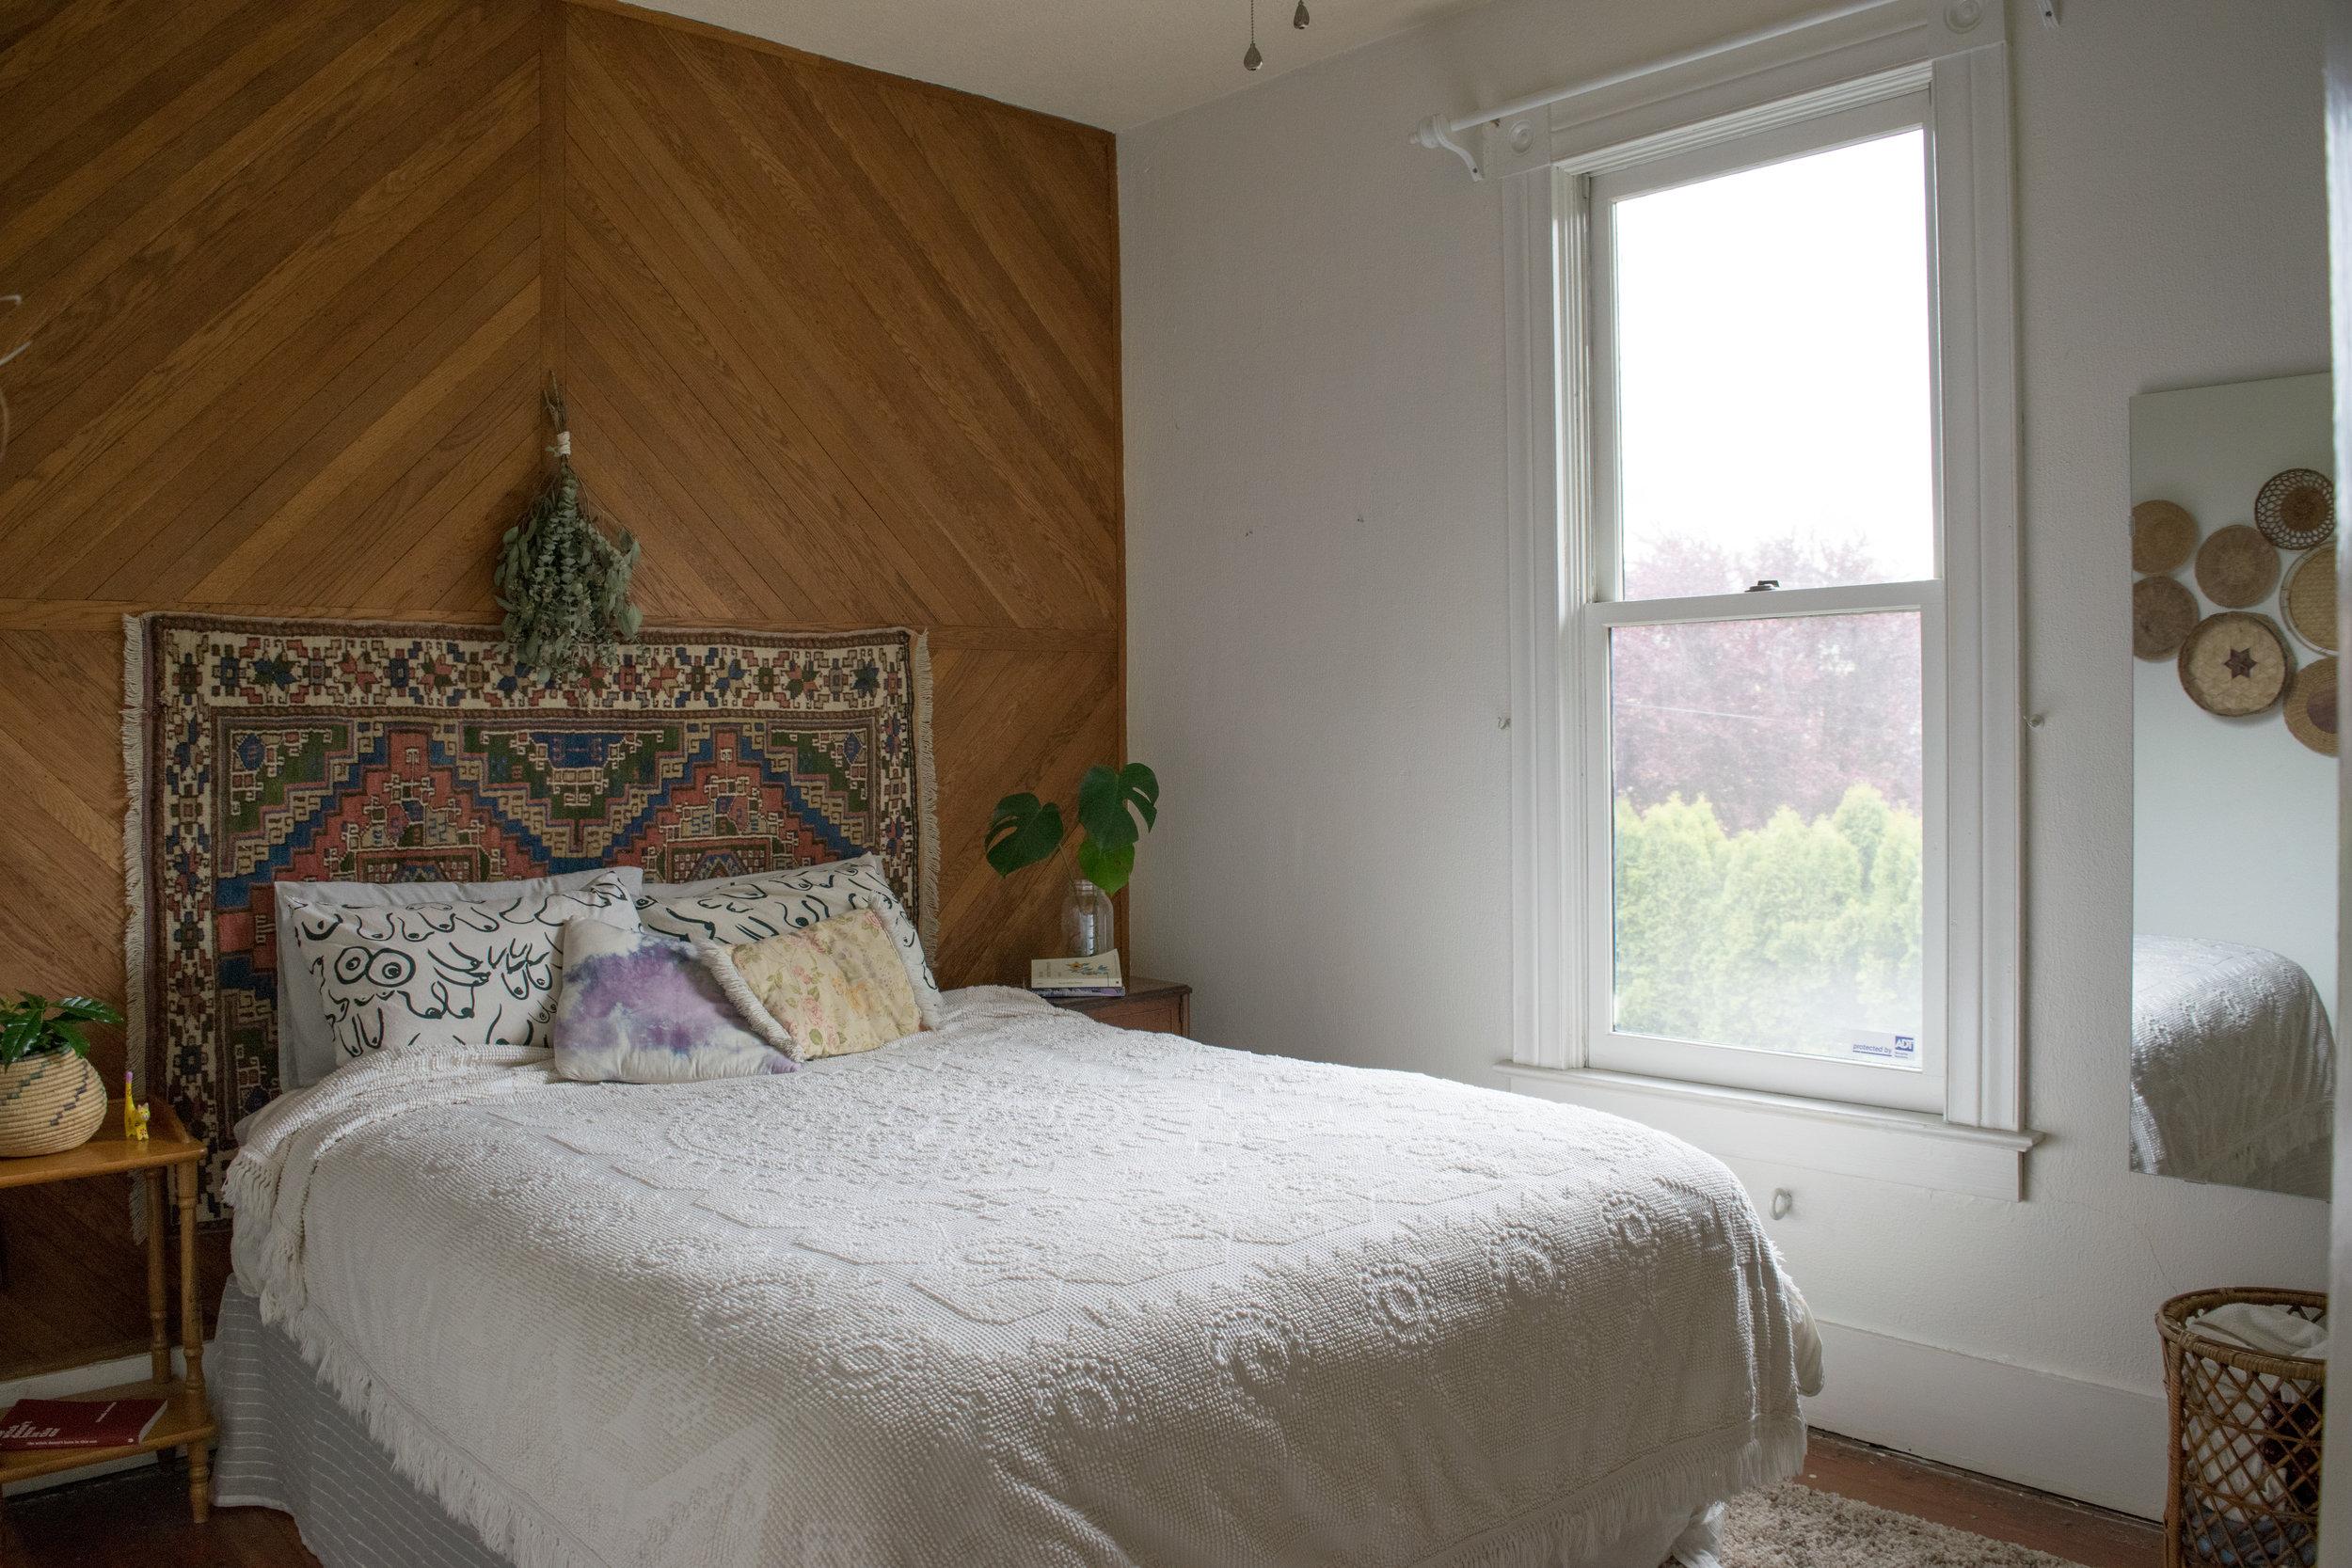 bedroom_paneling (1 of 1).jpg